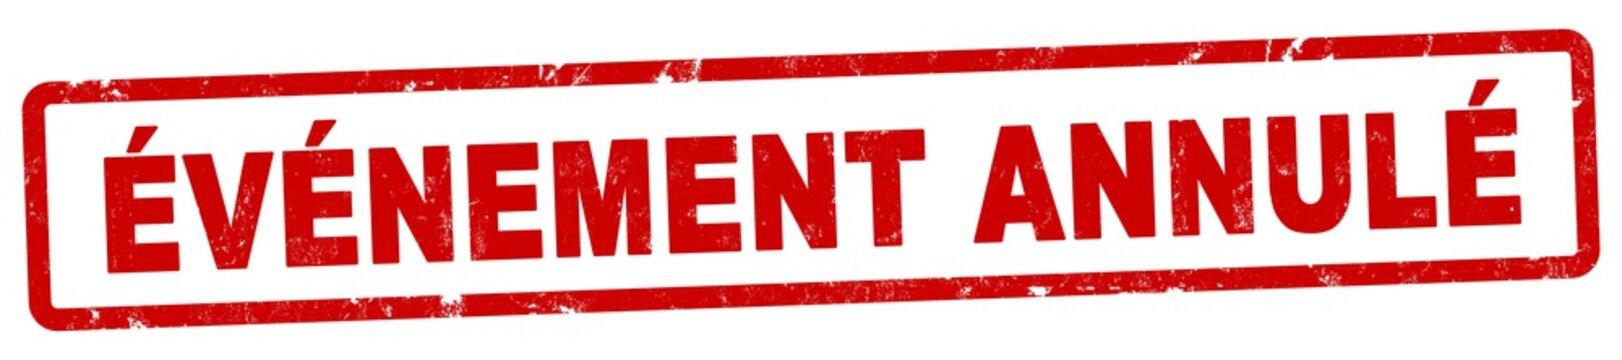 nlsb1295 NewLongStampBanner nlsb - étiquette / bannière française - français - timbre - événement annulé - événement - 4décimales5à1 - xxl f9124